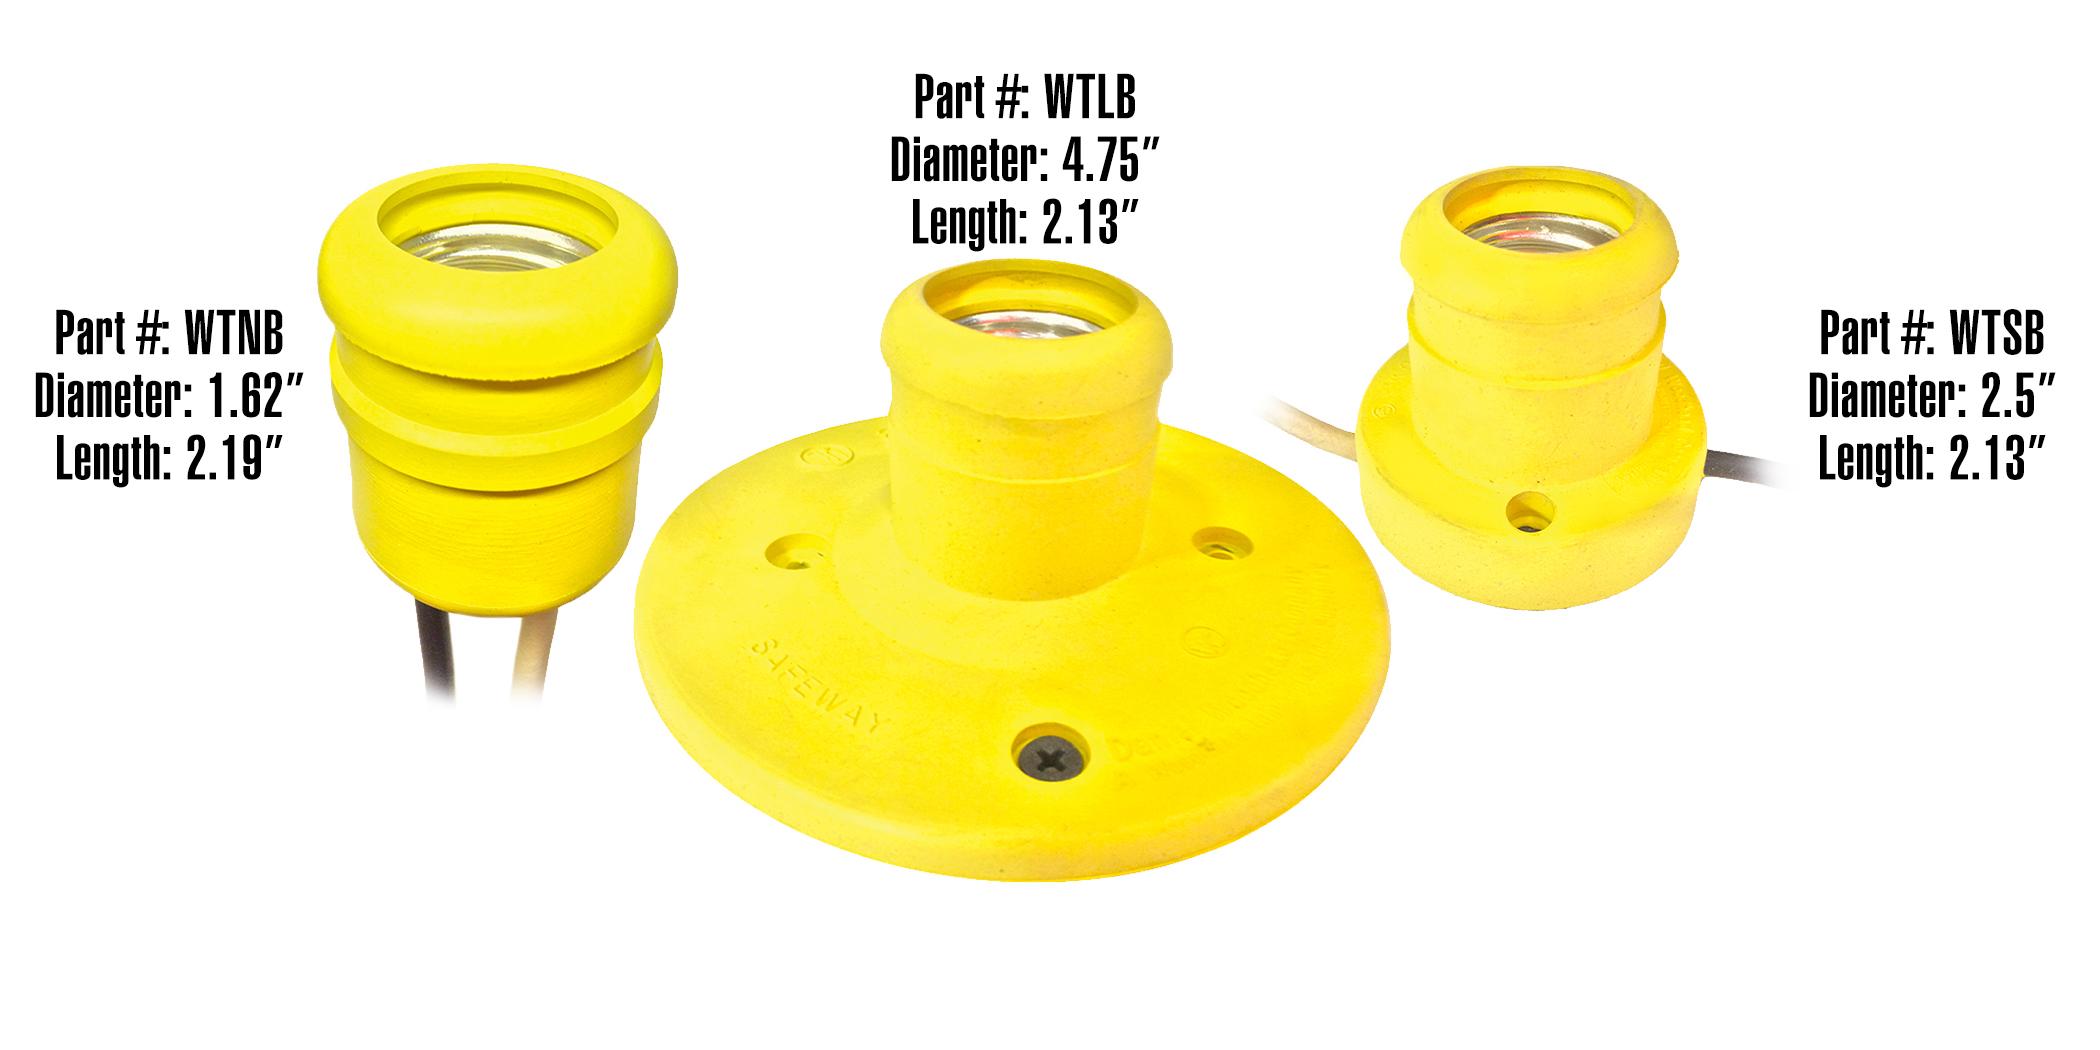 Waterproof LED Sockets